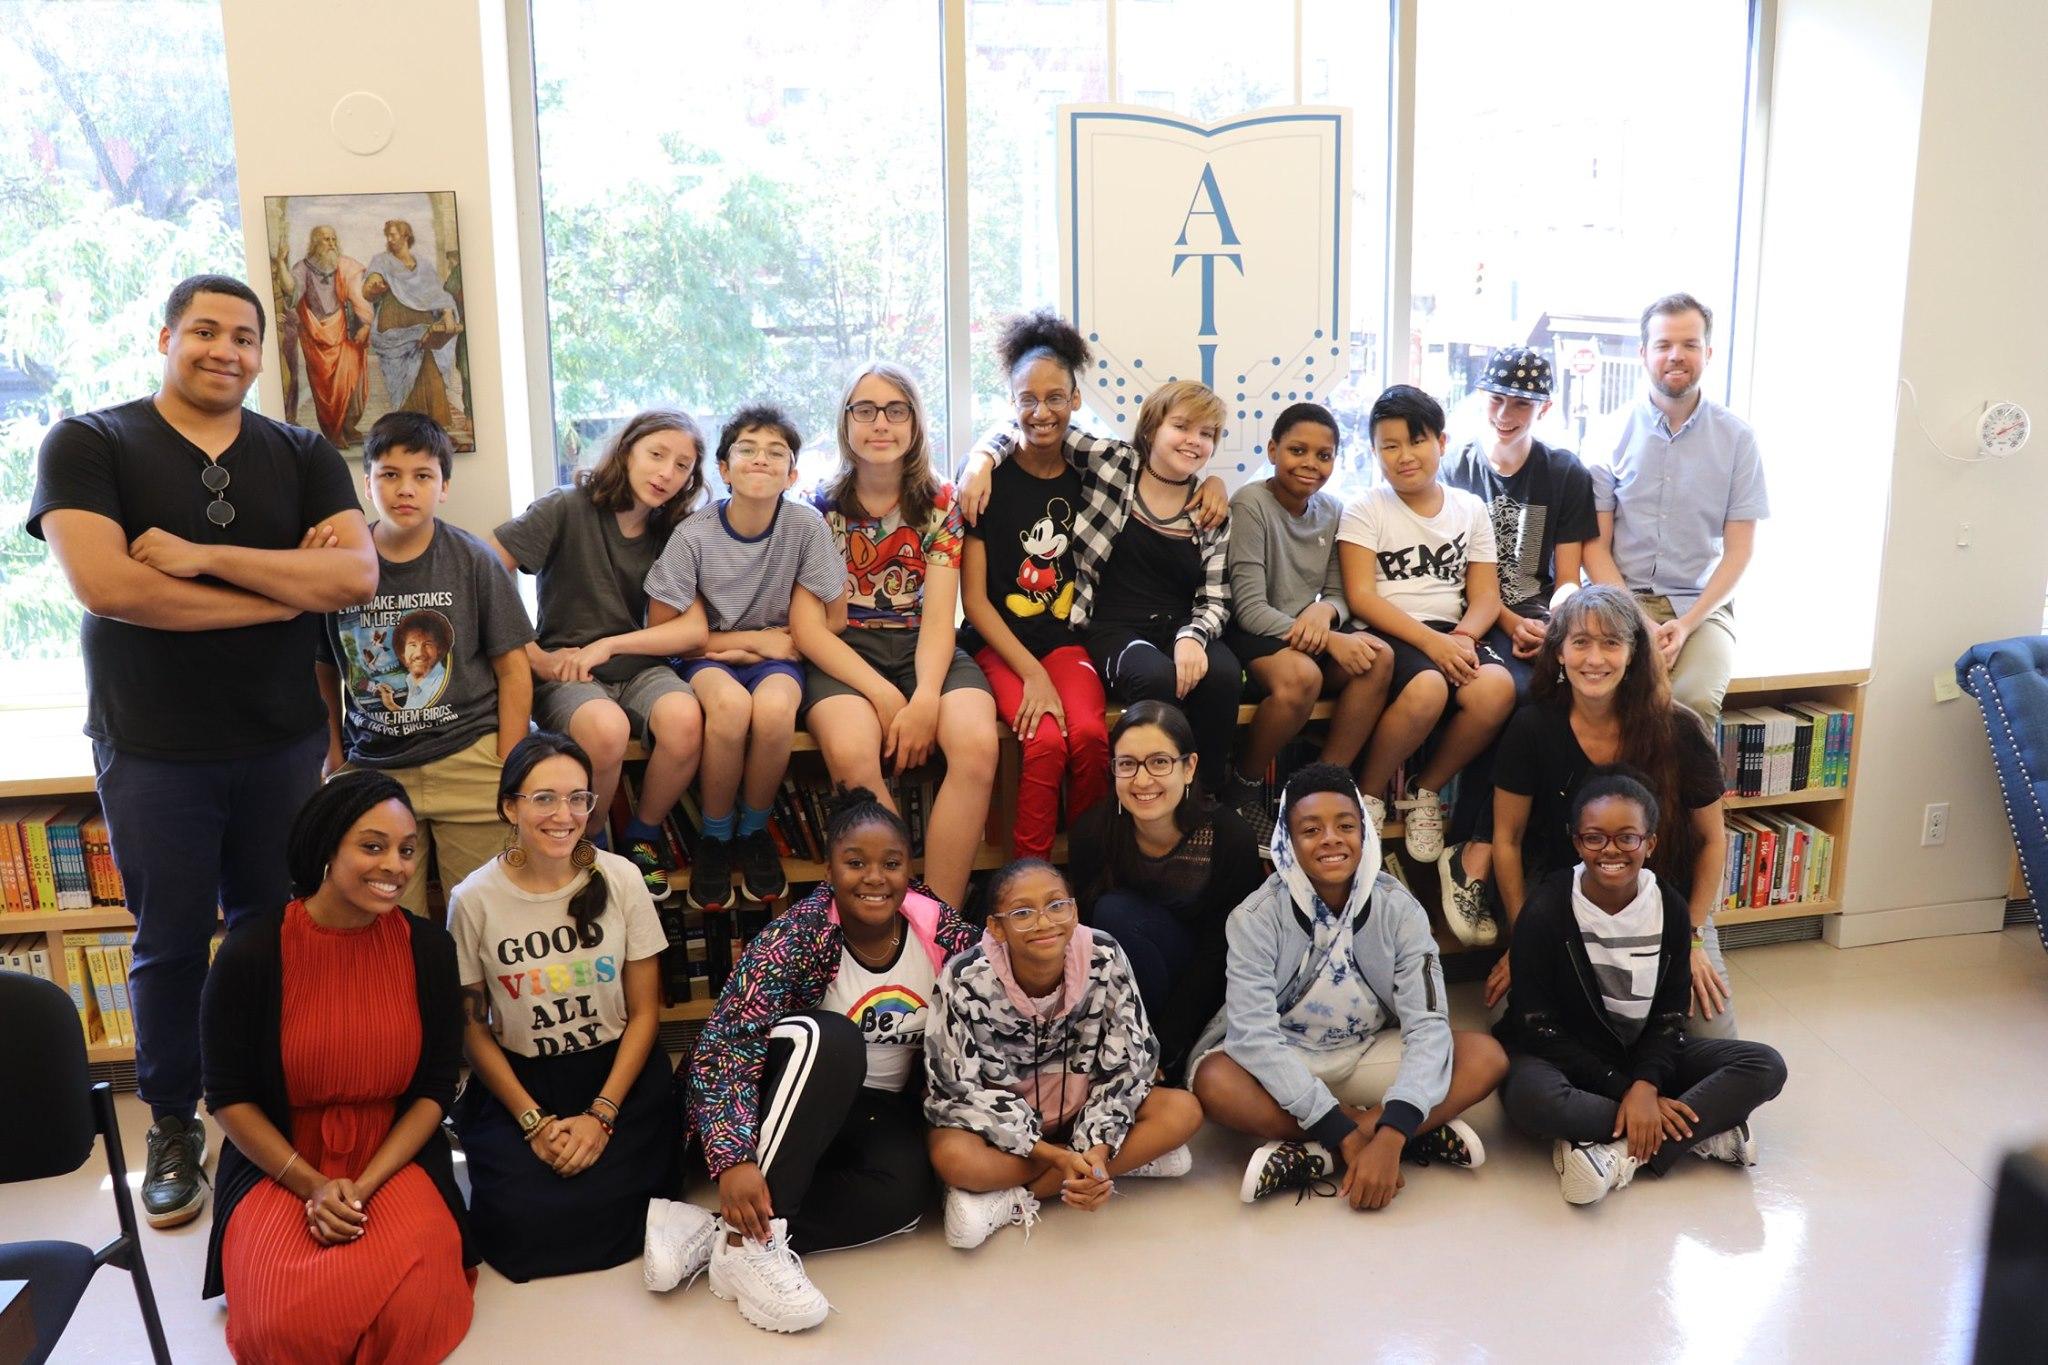 Meet Aramis Grant: Student energy motivates new leader in Manhattan